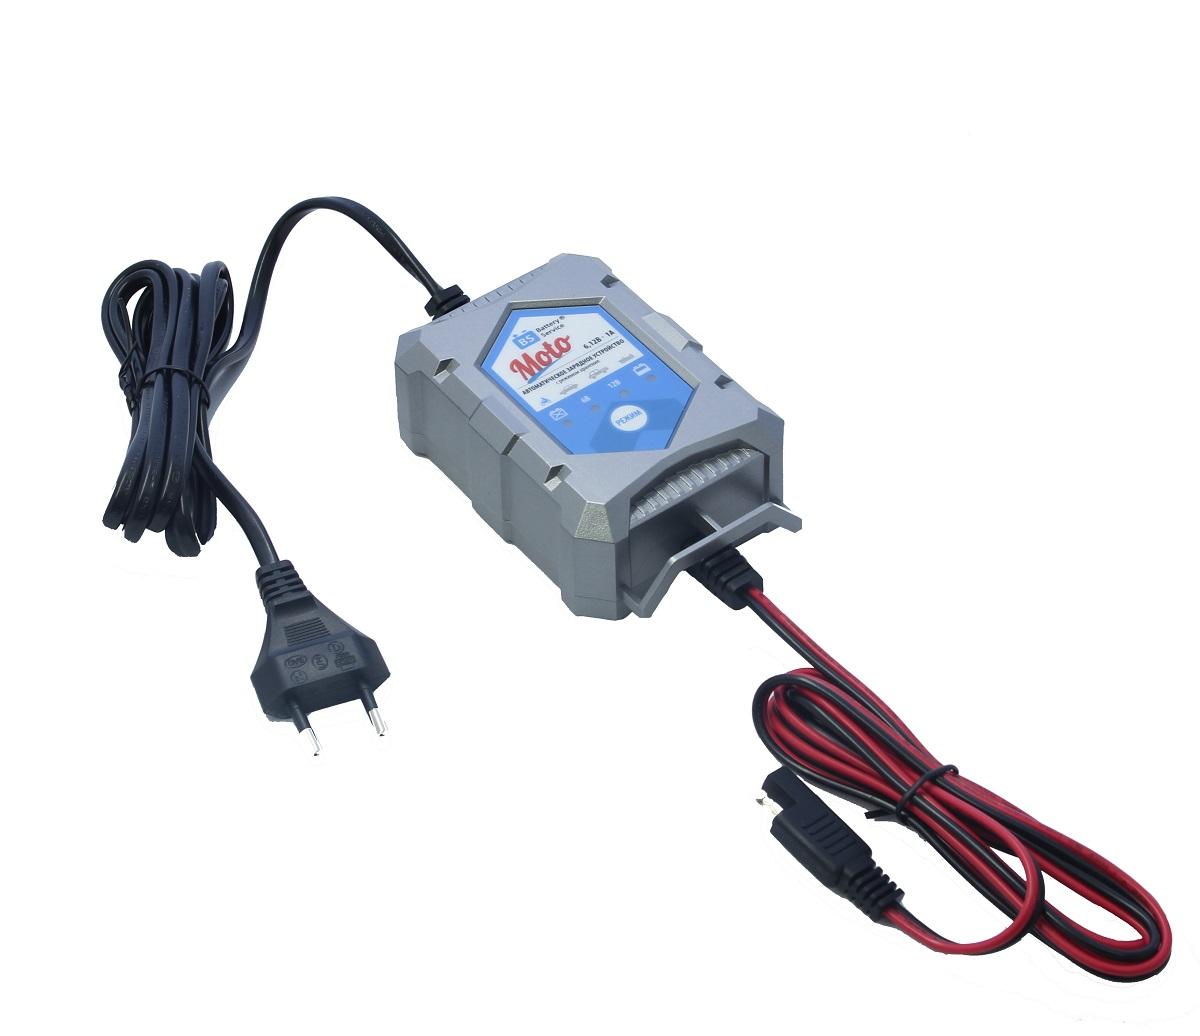 Зарядное устройство Battery Service Moto. PL-C001PPL-C001PМногоступенчатое зарядное устройство Battery Service Moto с режимами восстановления глубокоразряженных аккумуляторных батарей, десульфатации и хранения. Интеллектуальное управление микропроцессором. Заряжает все типы 6В и 12В свинцово-кислотных аккумуляторных батарей, в т.ч. AGM, GEL. Защита от короткого замыкания, переполюсовки, перегрева. Гарантия 2 года. Пыле и влагозащищенный корпус IP65. Moto рекомендуется для АКБ от 1,2 Ач до 24 Ач. Ток зарядки: 1,0А. Восстановление АКБ разряженной до 4,5В. Температурный режим: -20...+40°С. В комплект устройства входят аксессуары: кольцевой разъем постоянного подключения и зажимы типа крокодил. Совместимо с аксессуарами сторонних производителей с разъемом SAE.